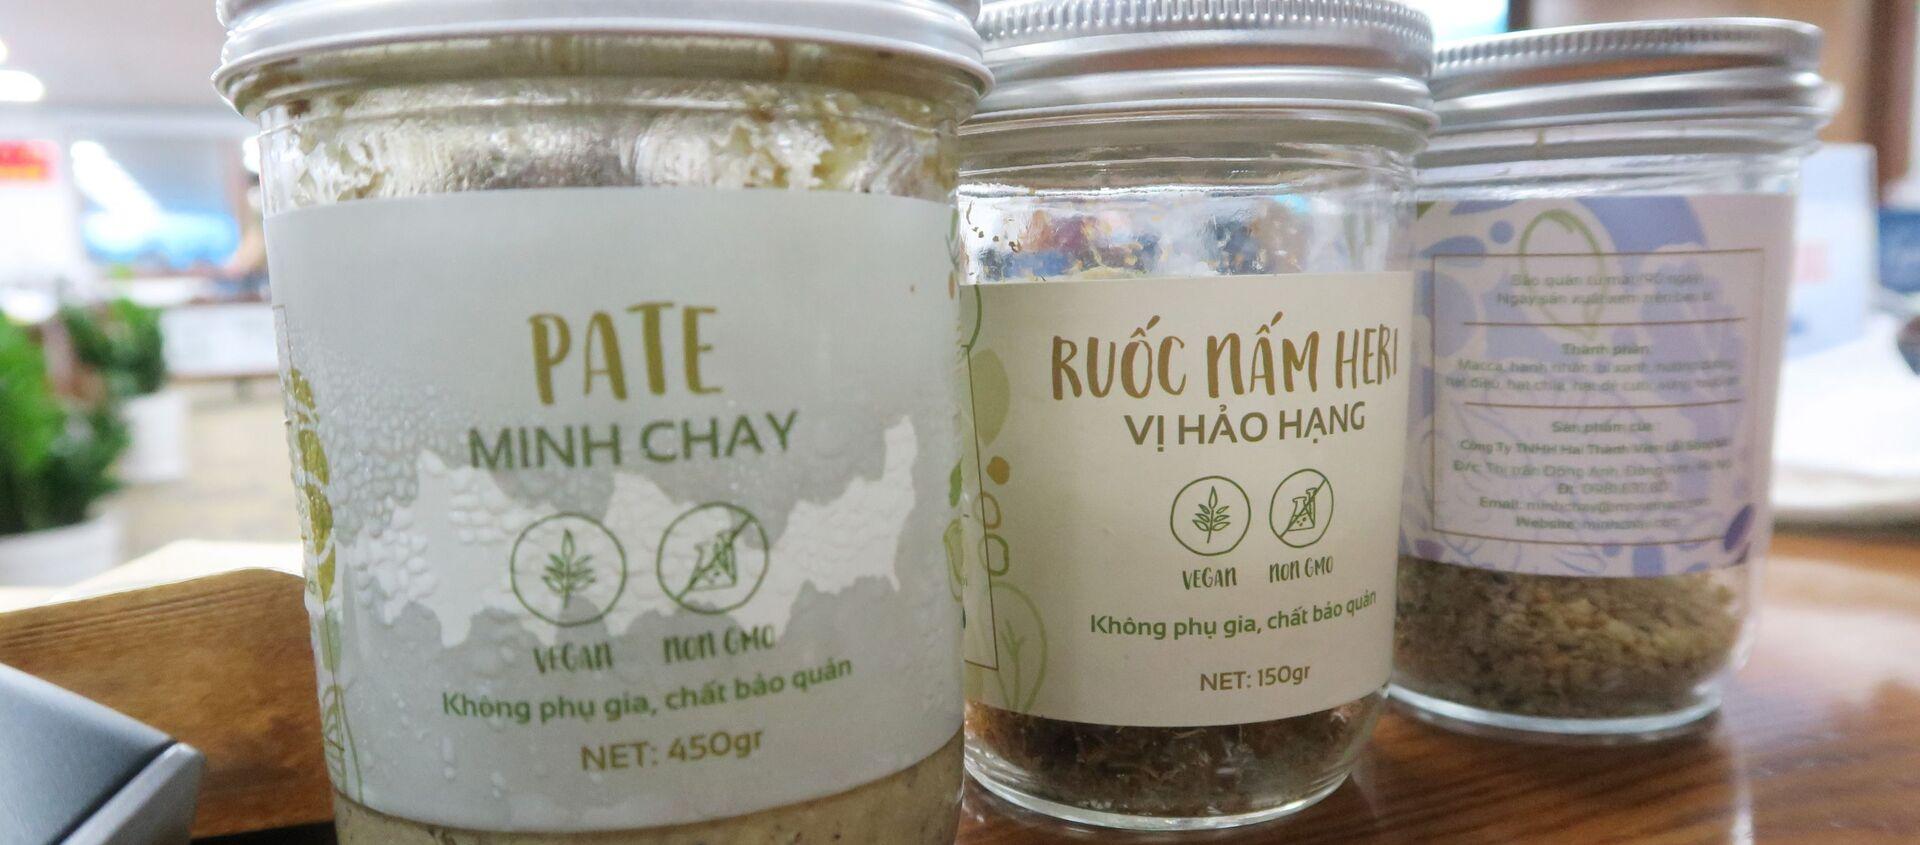 Các sản phẩm của Công ty TNHH Hai thành viên Lối sống mới được Ban Quản lý An toàn thực phẩm Thành phố Hồ Chí Minh thu hồi - Sputnik Việt Nam, 1920, 01.09.2020